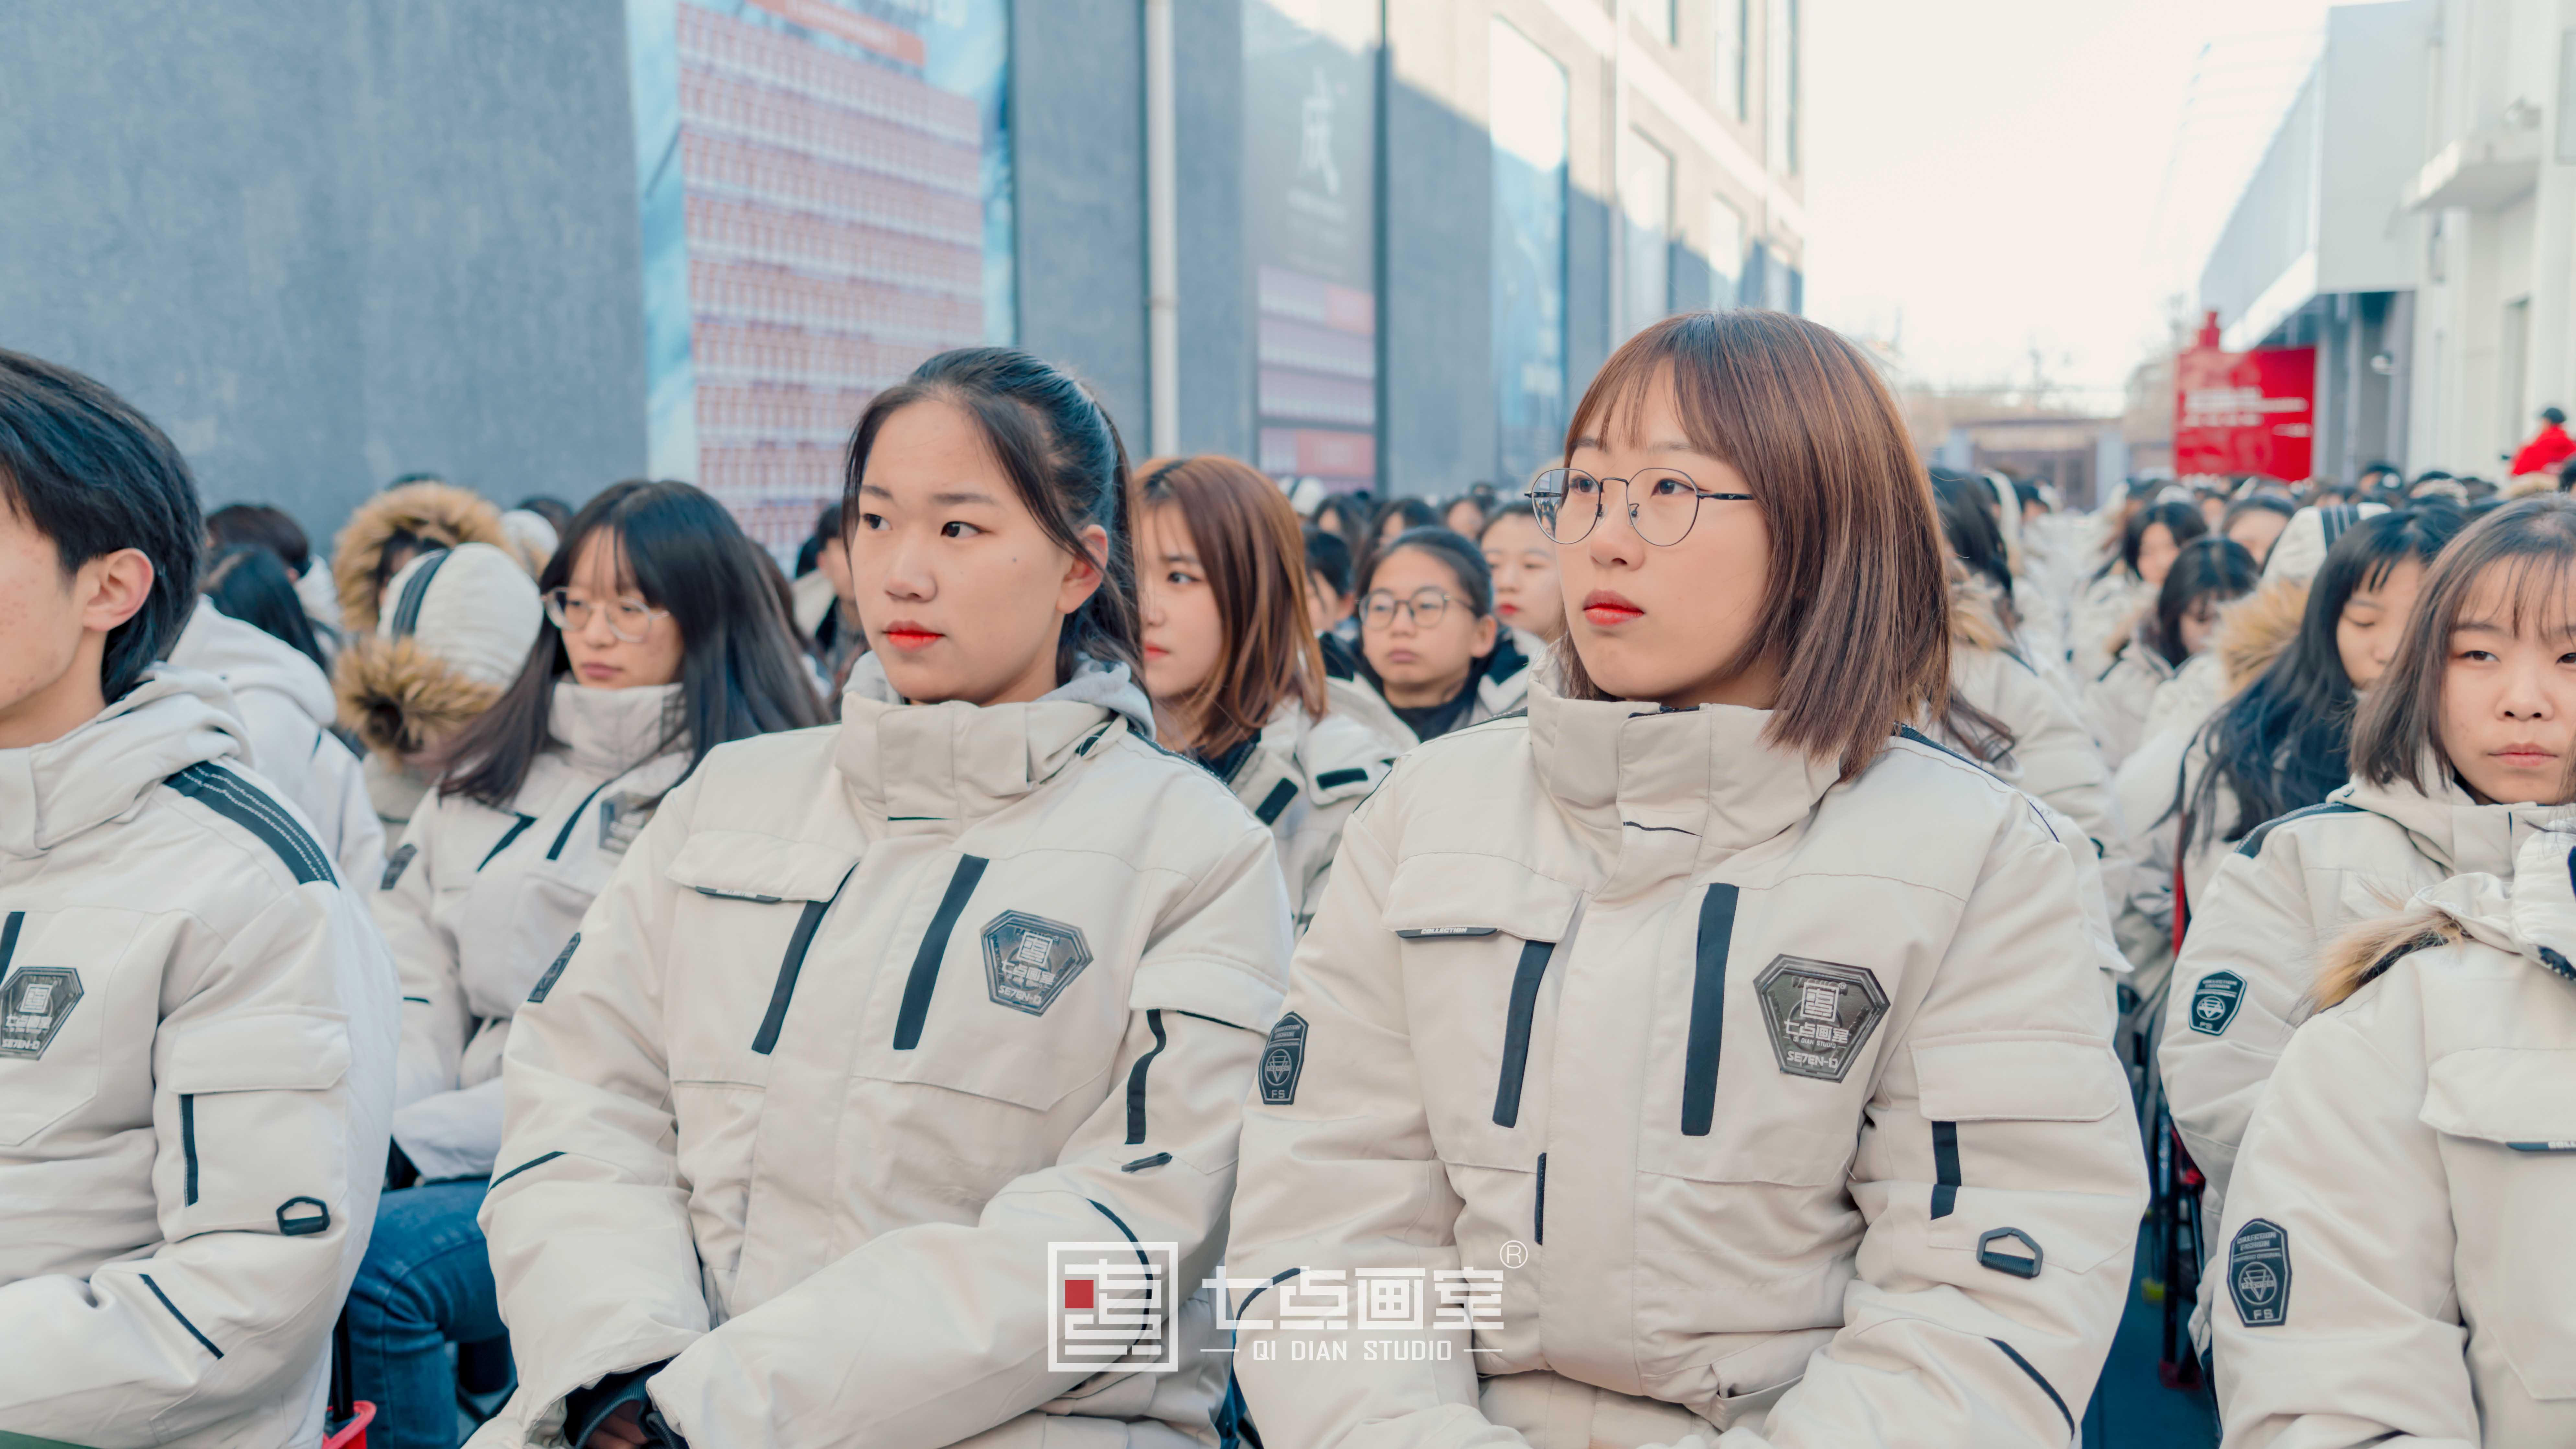 七点画室2021誓师大会,联考必胜!